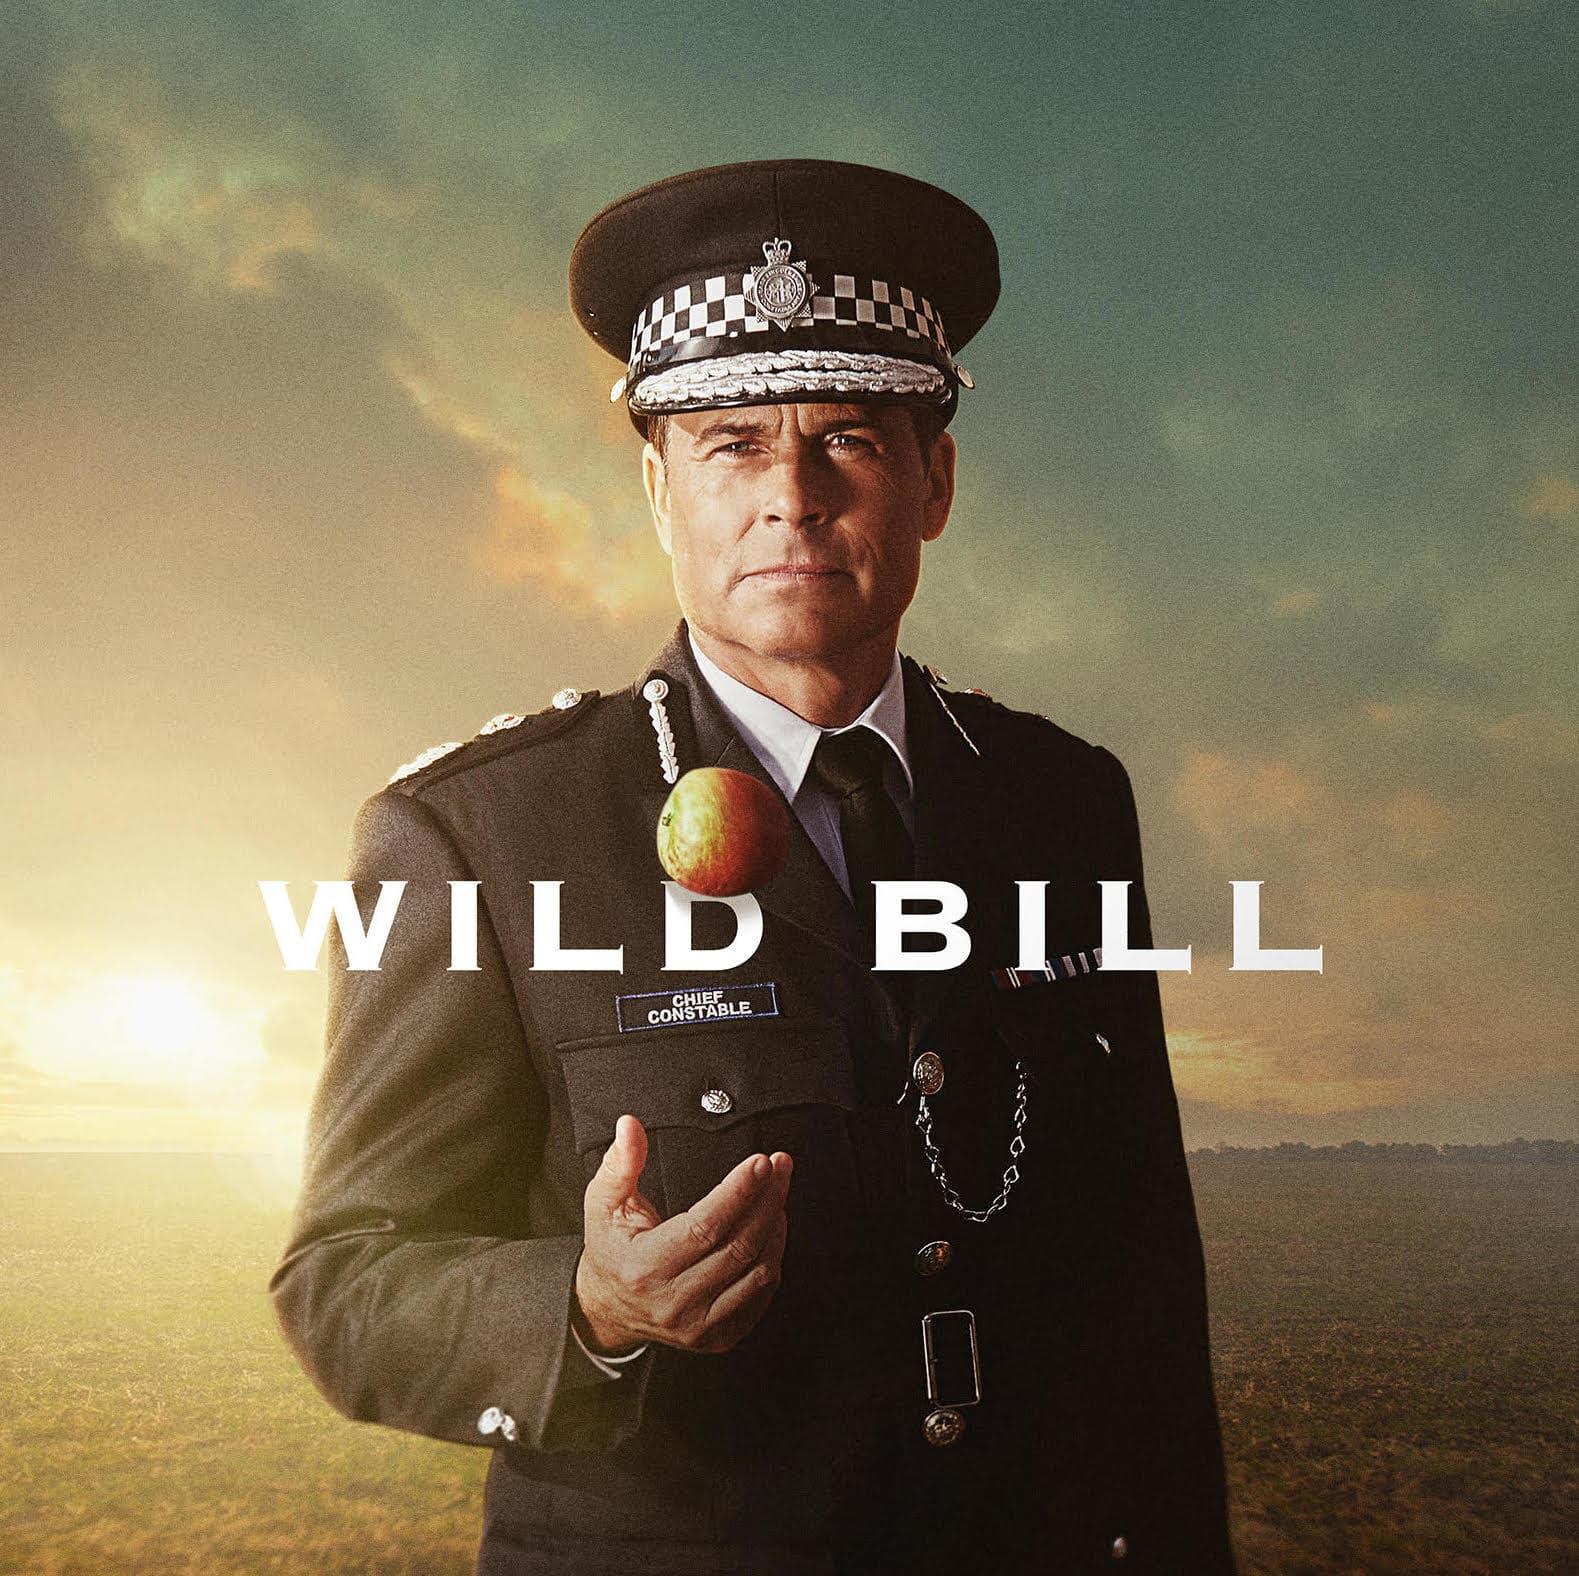 wild bill.jpg